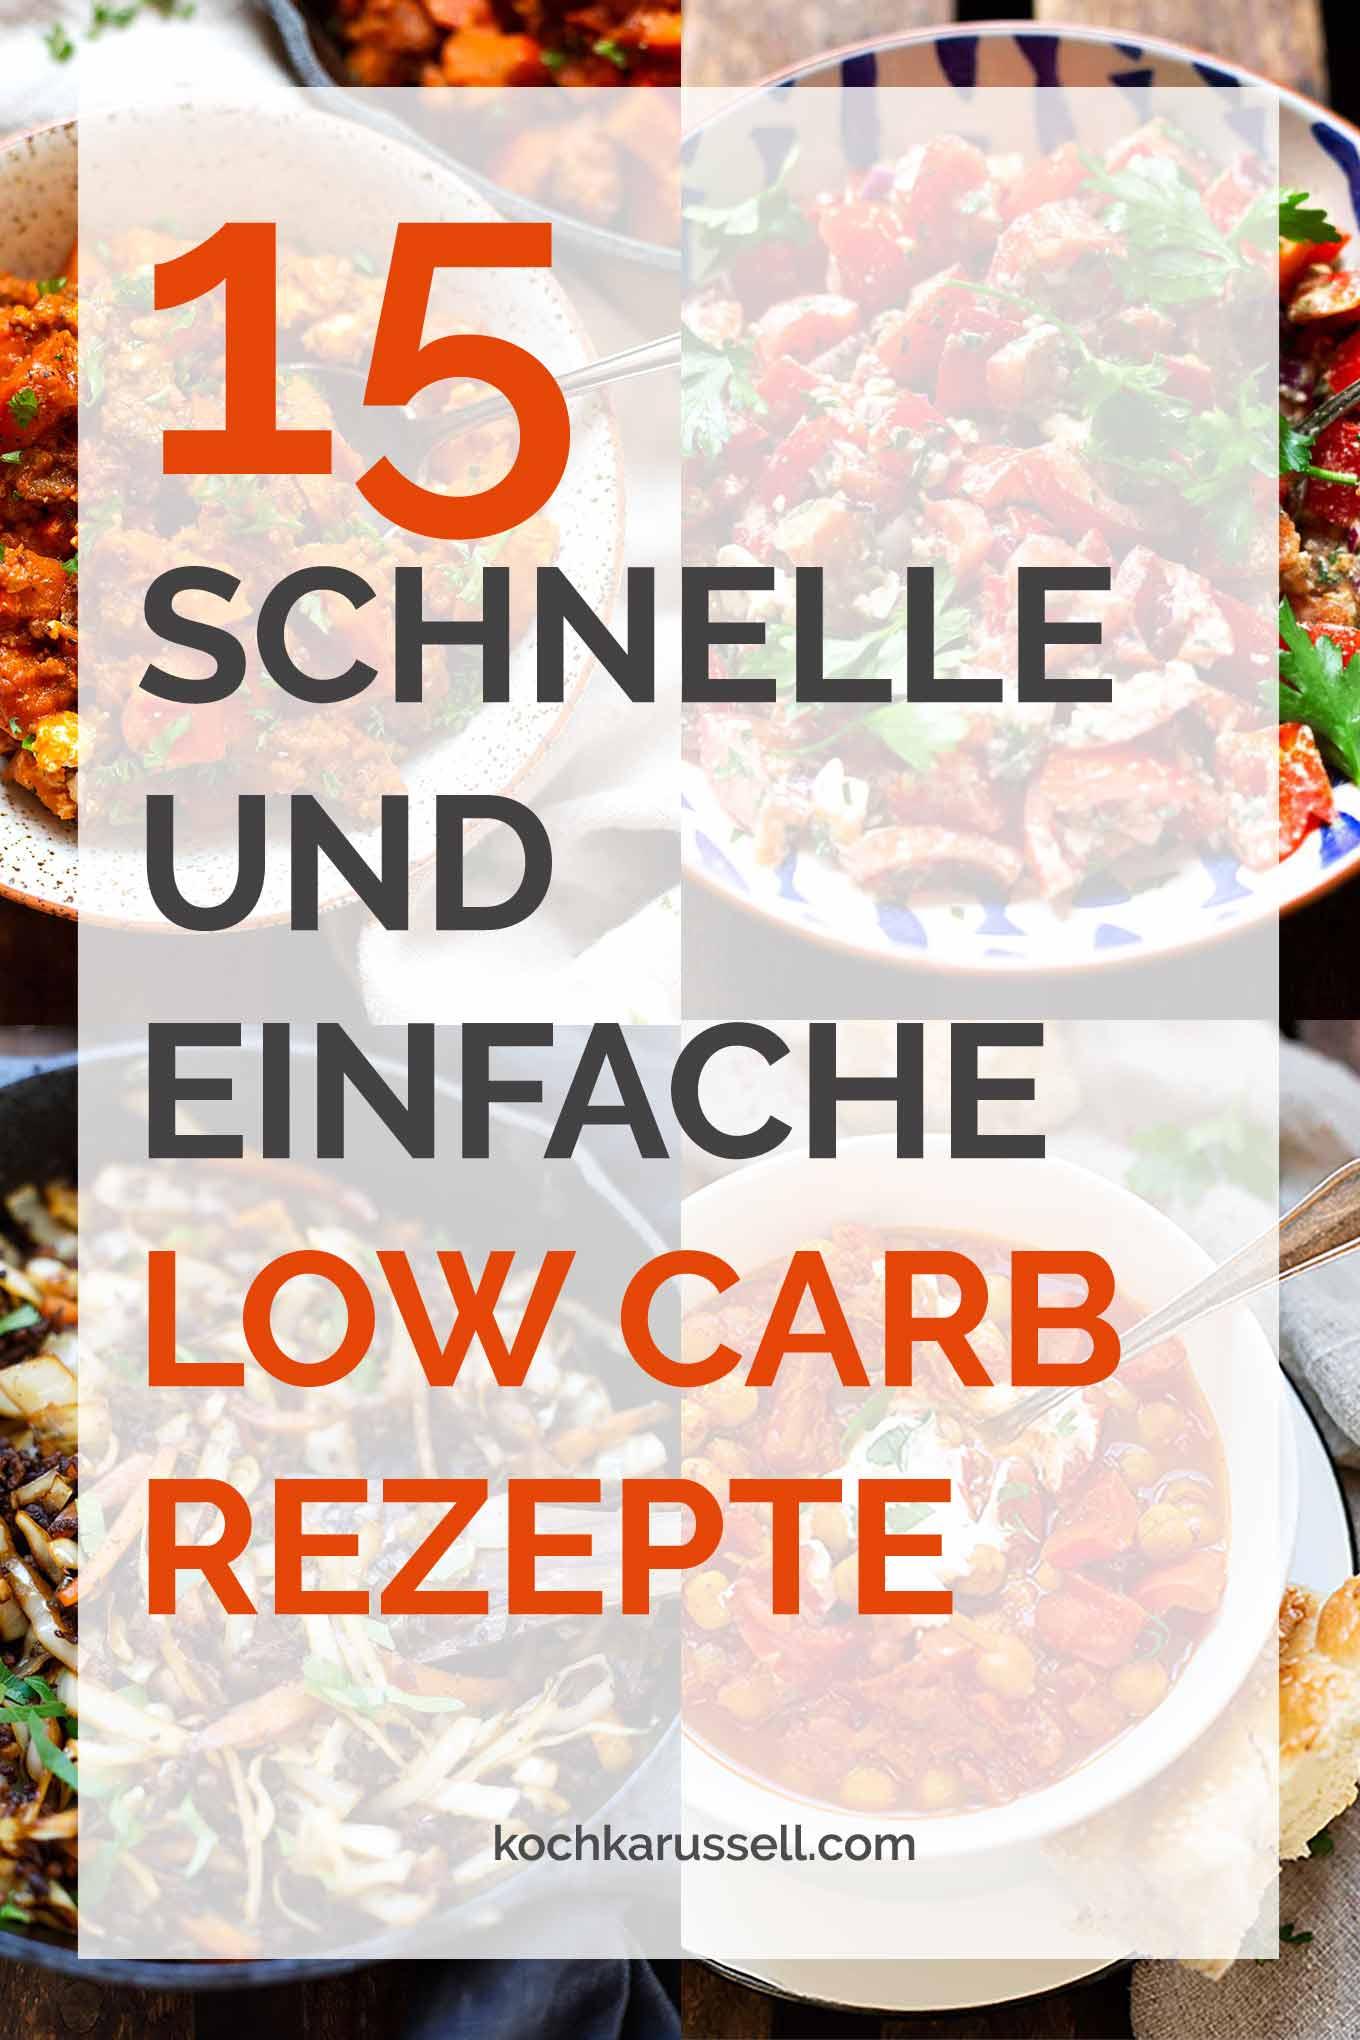 15 schnelle und einfache Low Carb Rezepte für einen leichten Start ins Jahr. Kochkarussell - dein Foodblog für schnelle und einfache Feierabendküche. #lowcarb #schnellundleicht #feierabendküche #kochkarussell